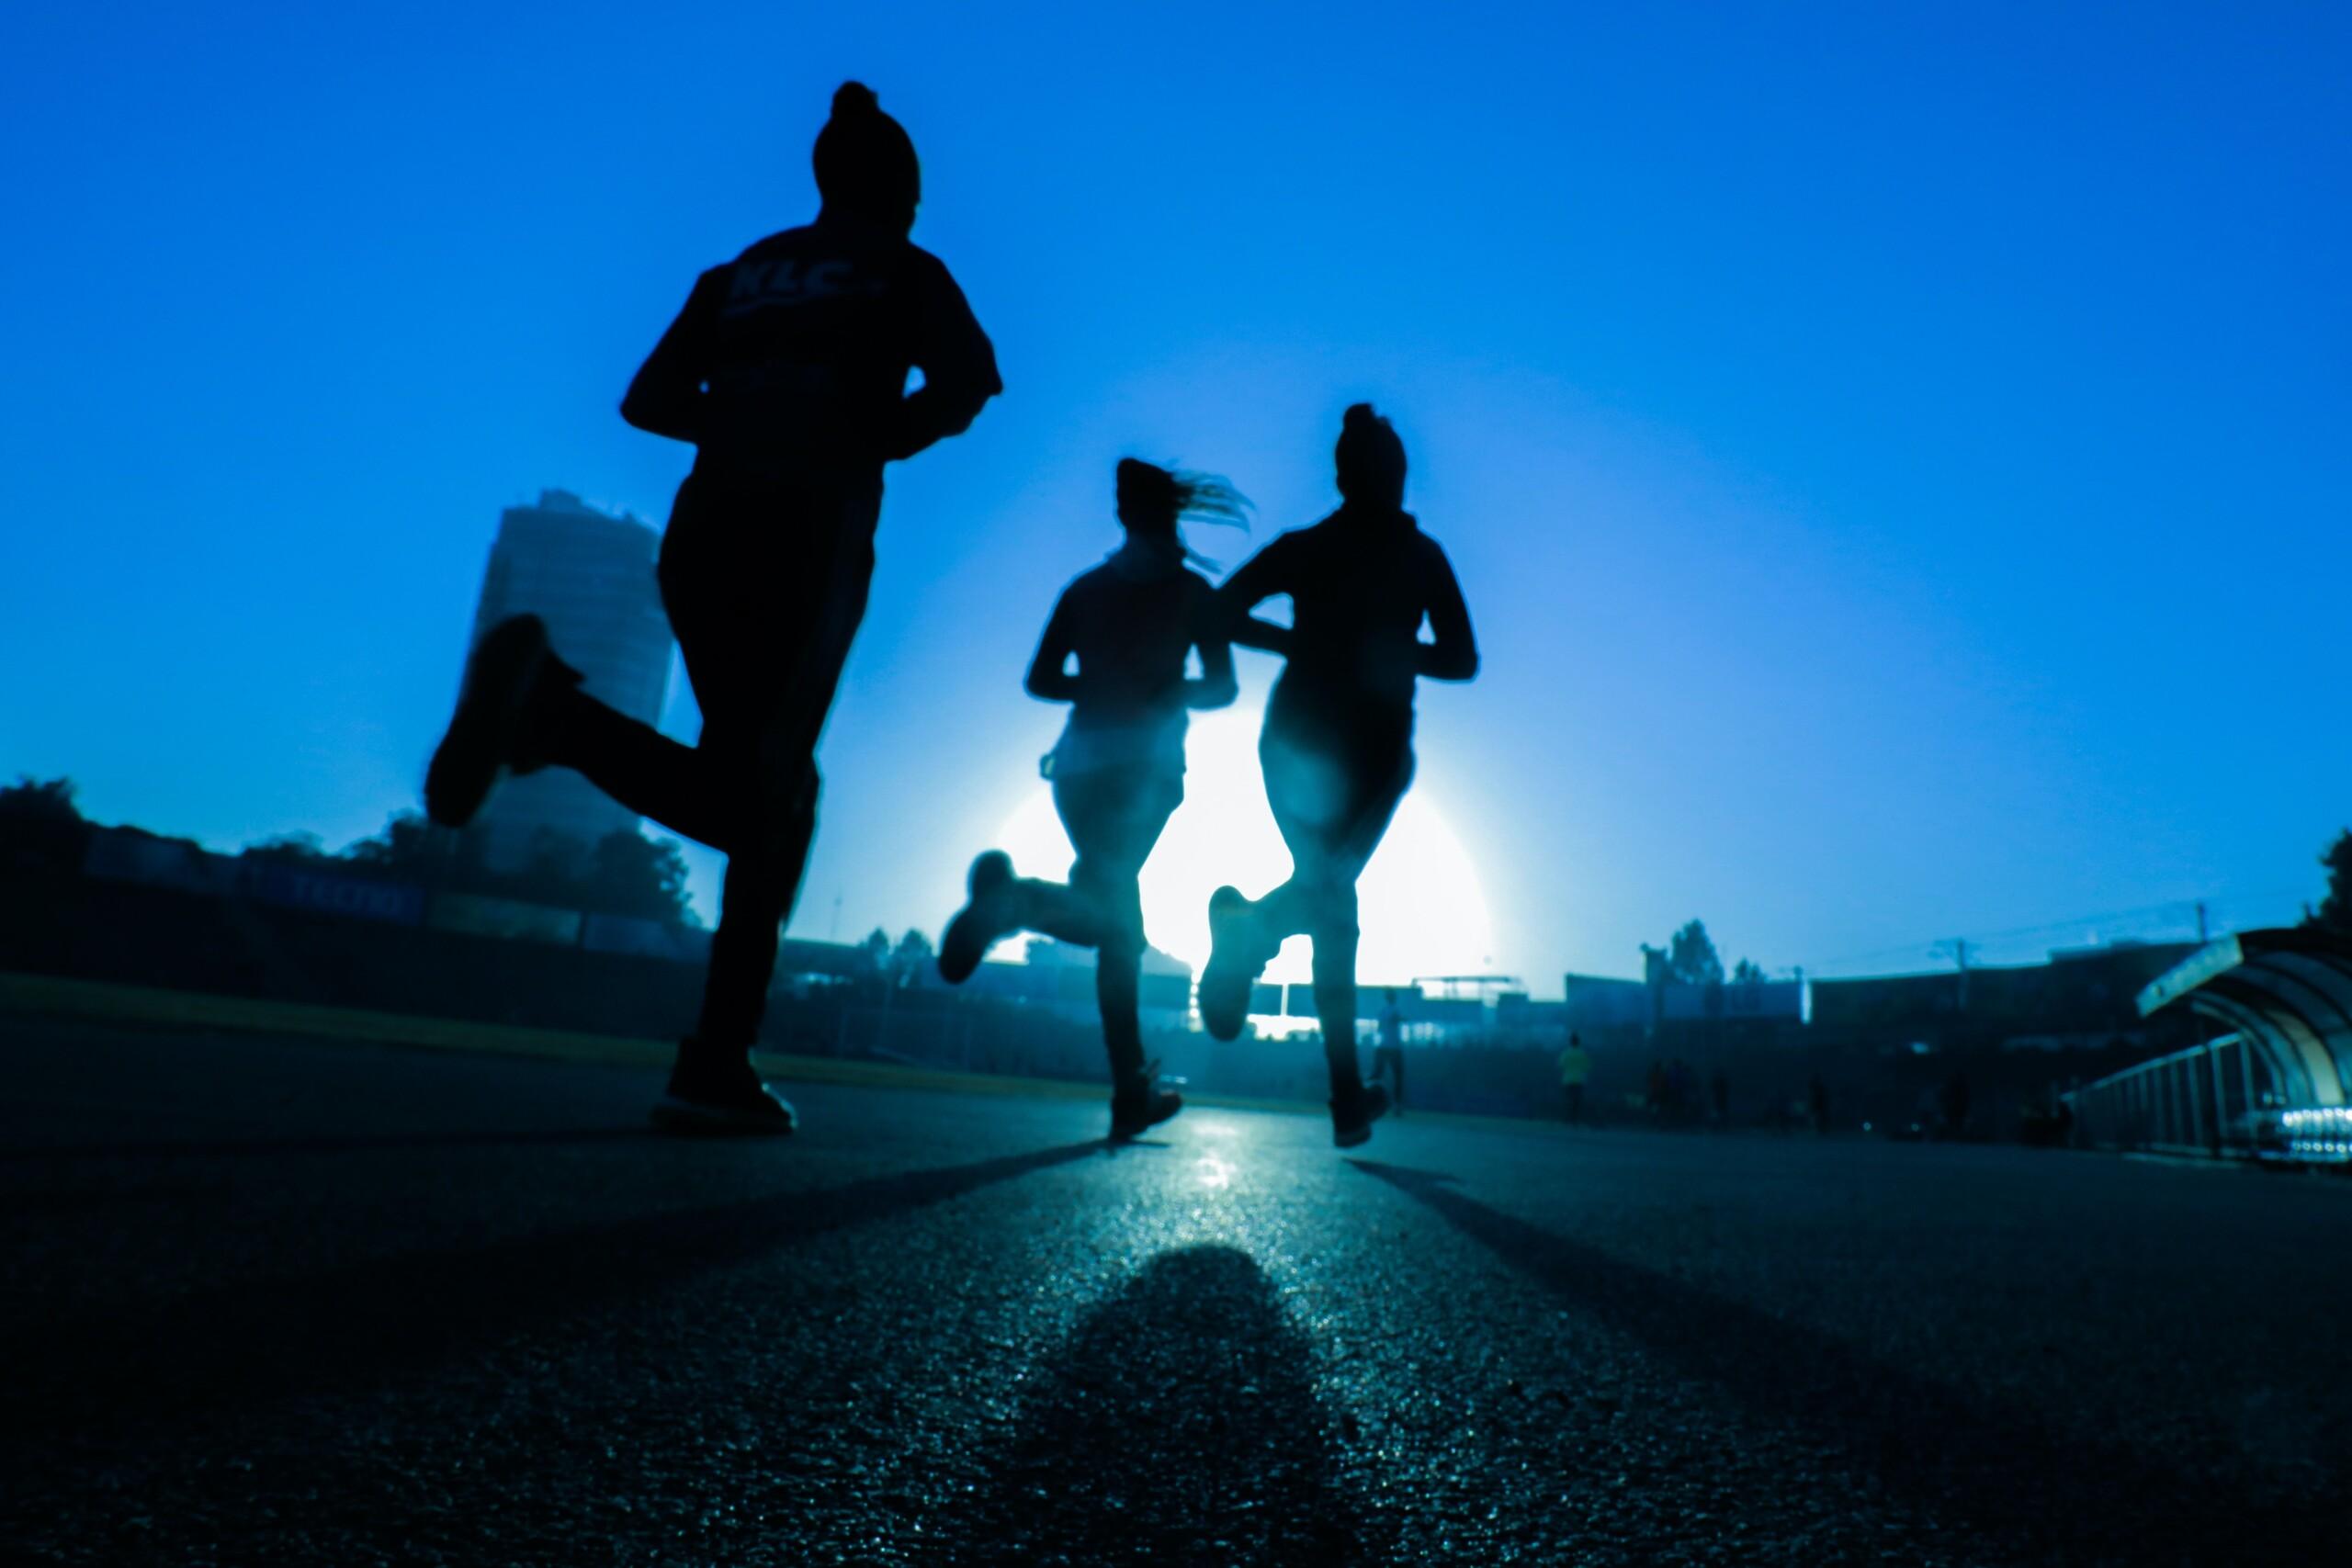 friends going for a run